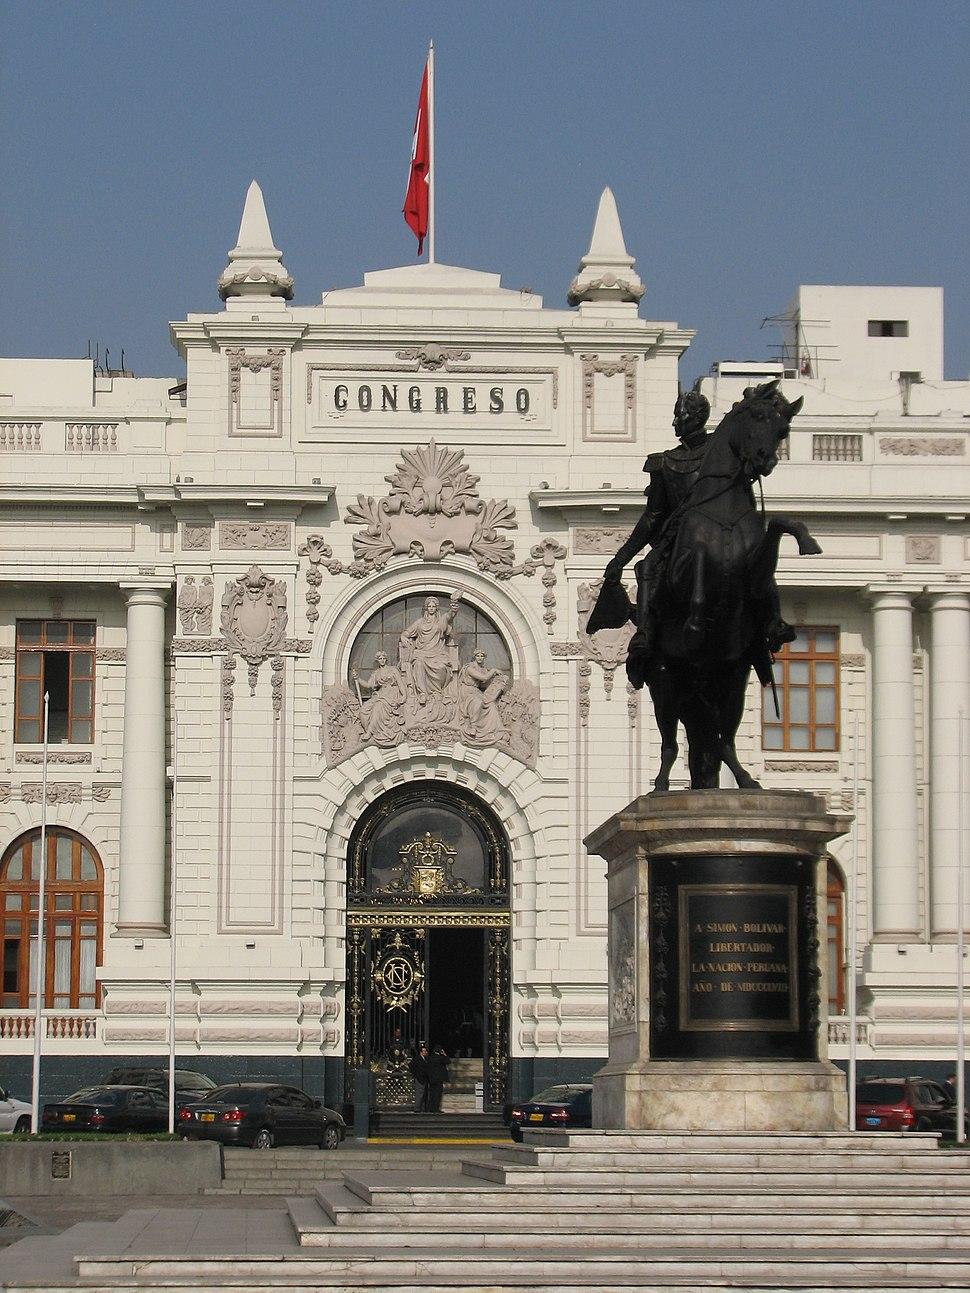 Peru Lima Congreso Detail centre